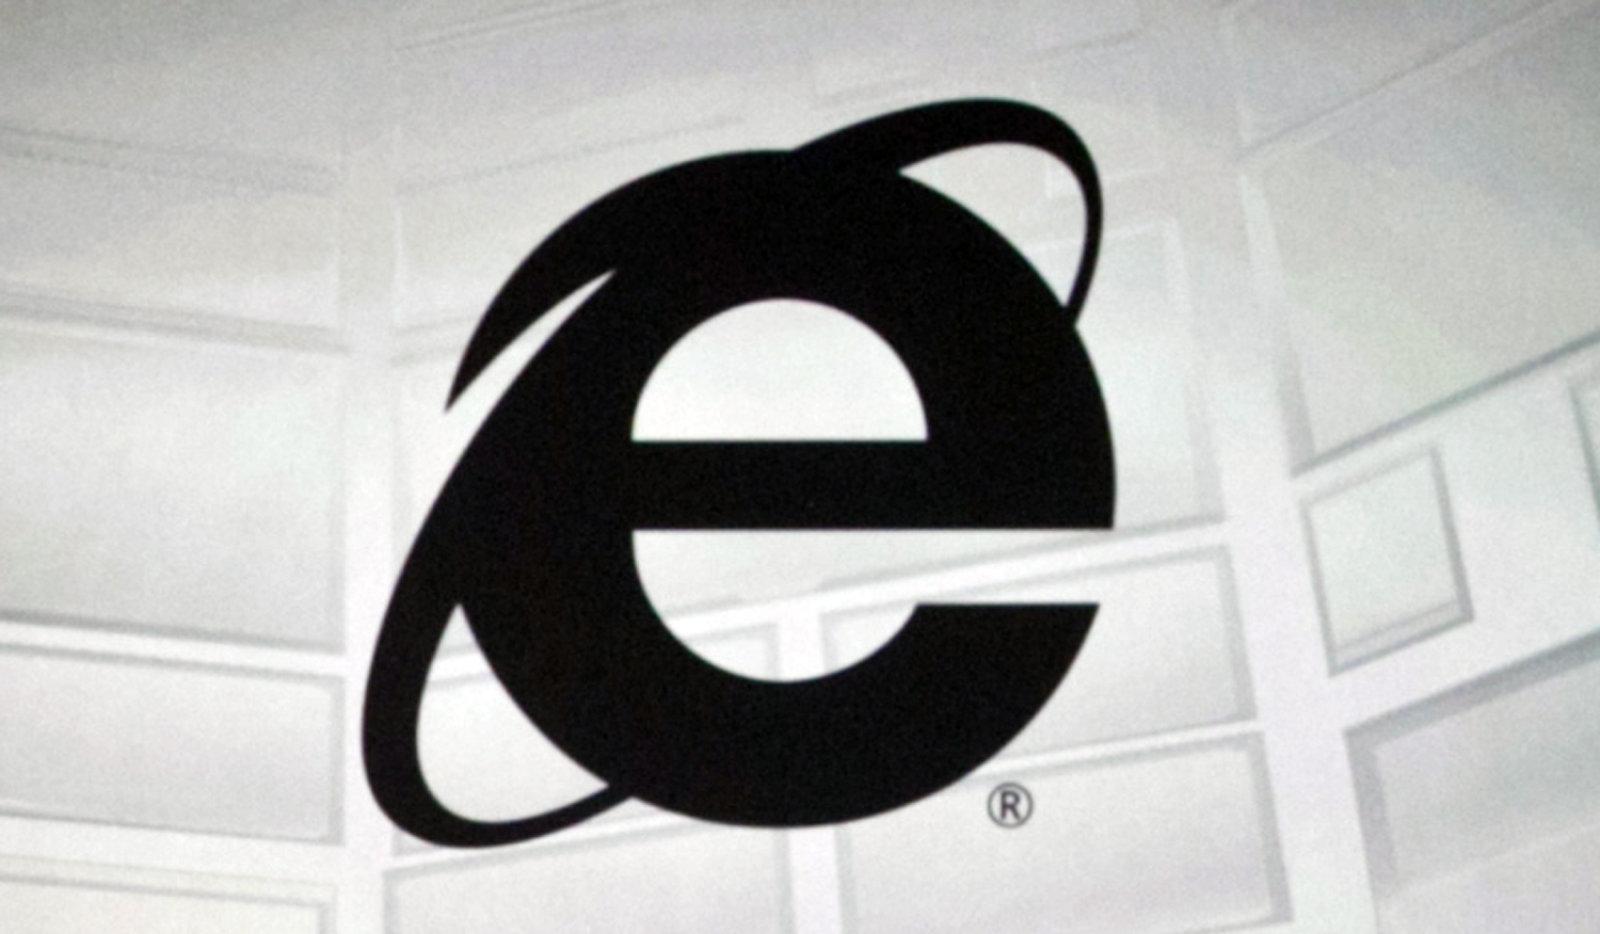 微软安全专家呼吁用户停用IE:旧习难改但终究要改